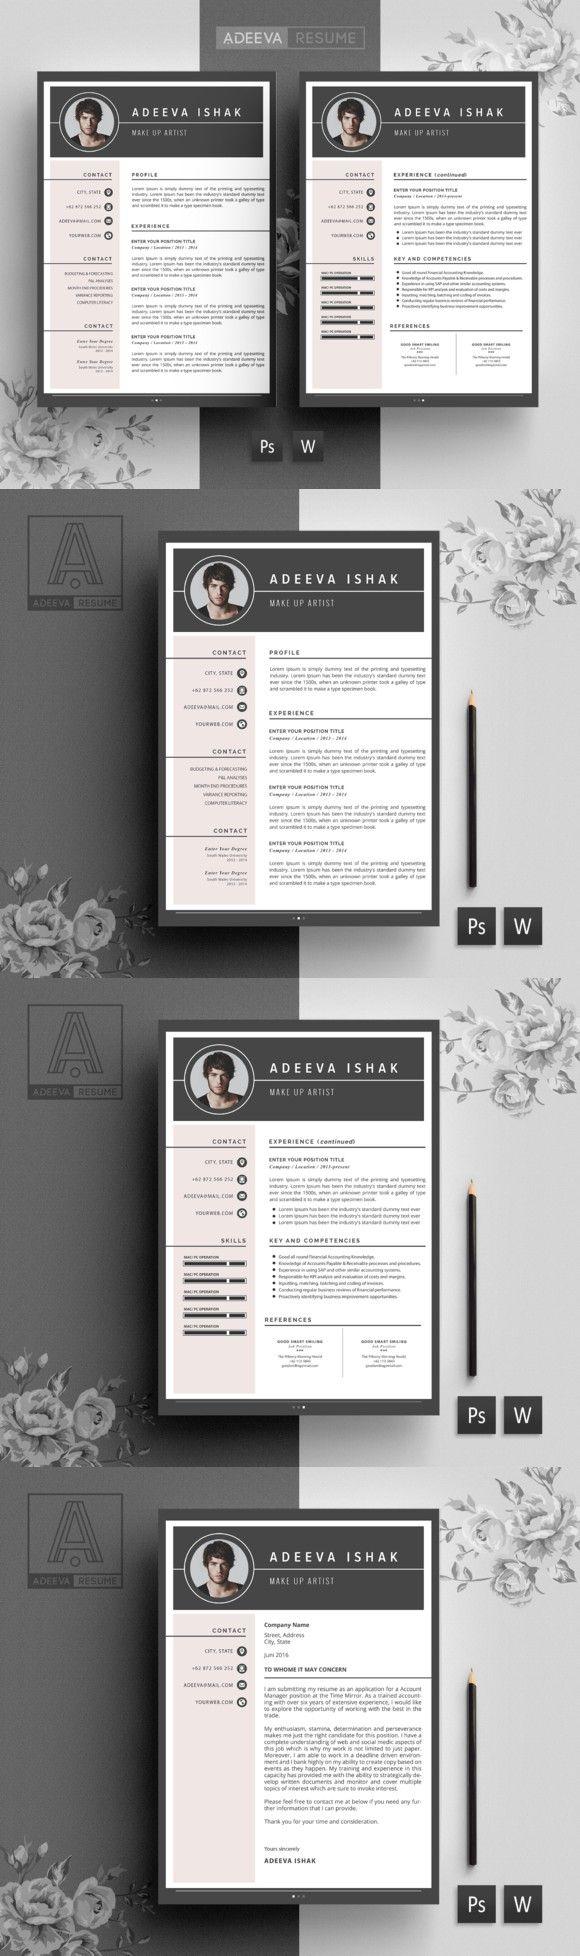 Mejores 71 imágenes de Work en Pinterest | Diseño gráfico, Gráficos ...